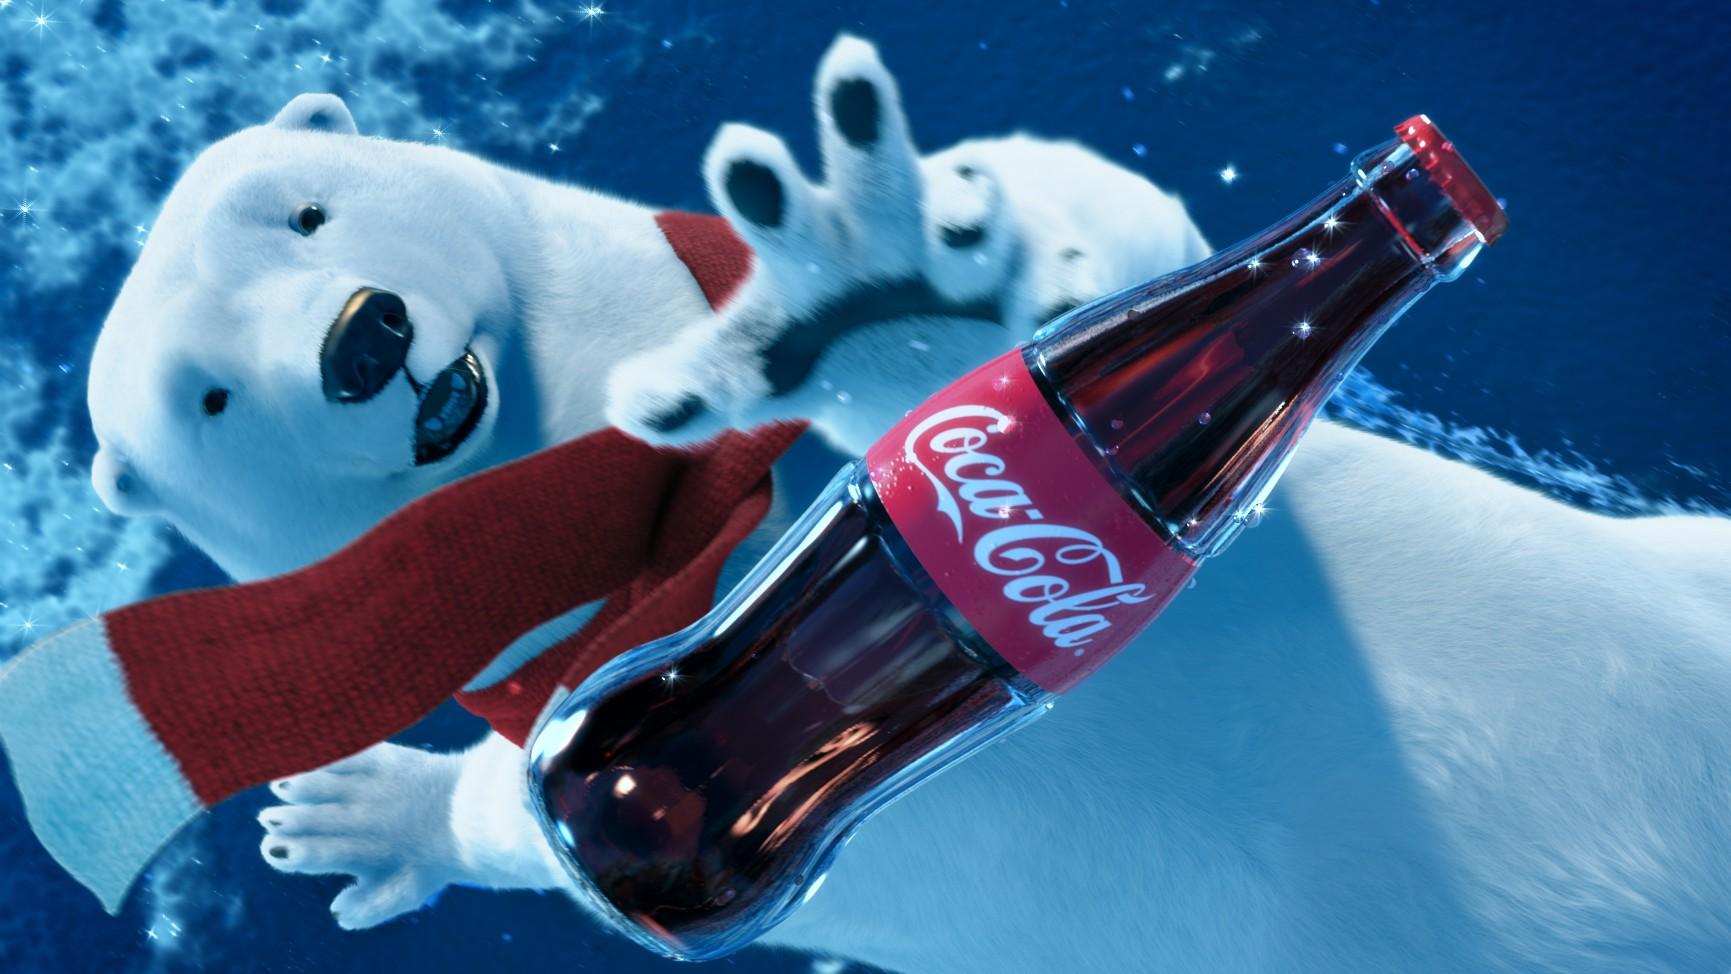 Découvrez les publicités de Coca-Cola pour le Super Bowl 2012